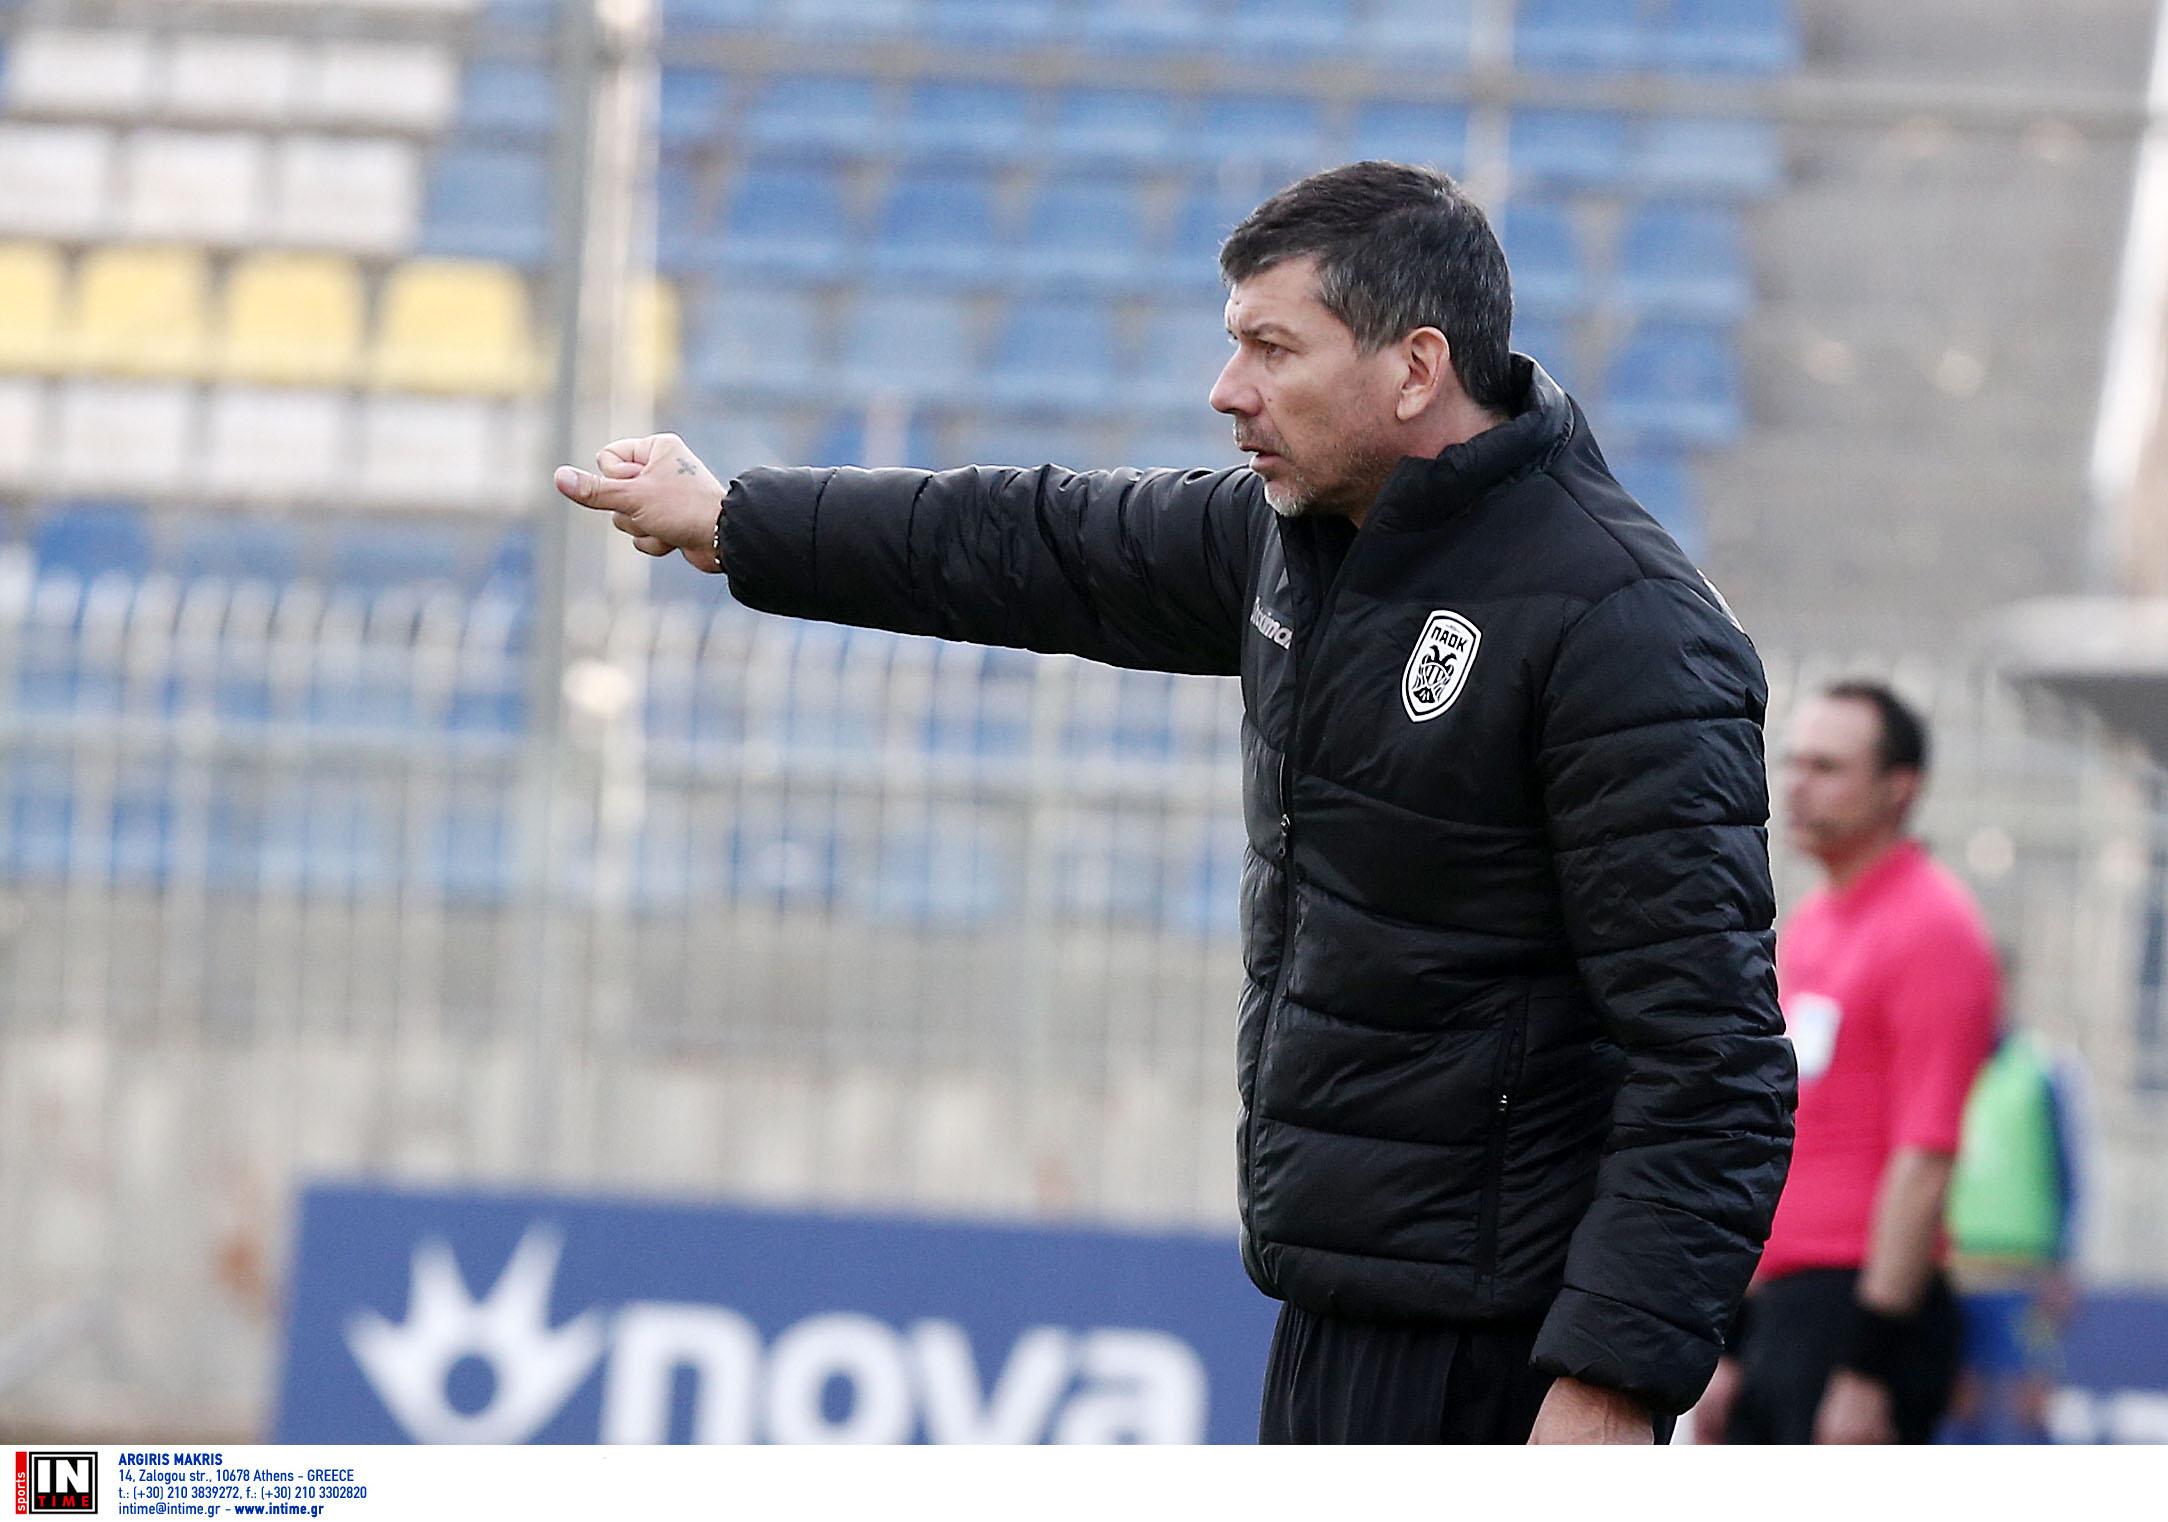 Γκαρσία: «Θέλουμε Κύπελλο και δεύτερη θέση, μπαλώνω τρύπες δεξιά και αριστερά»